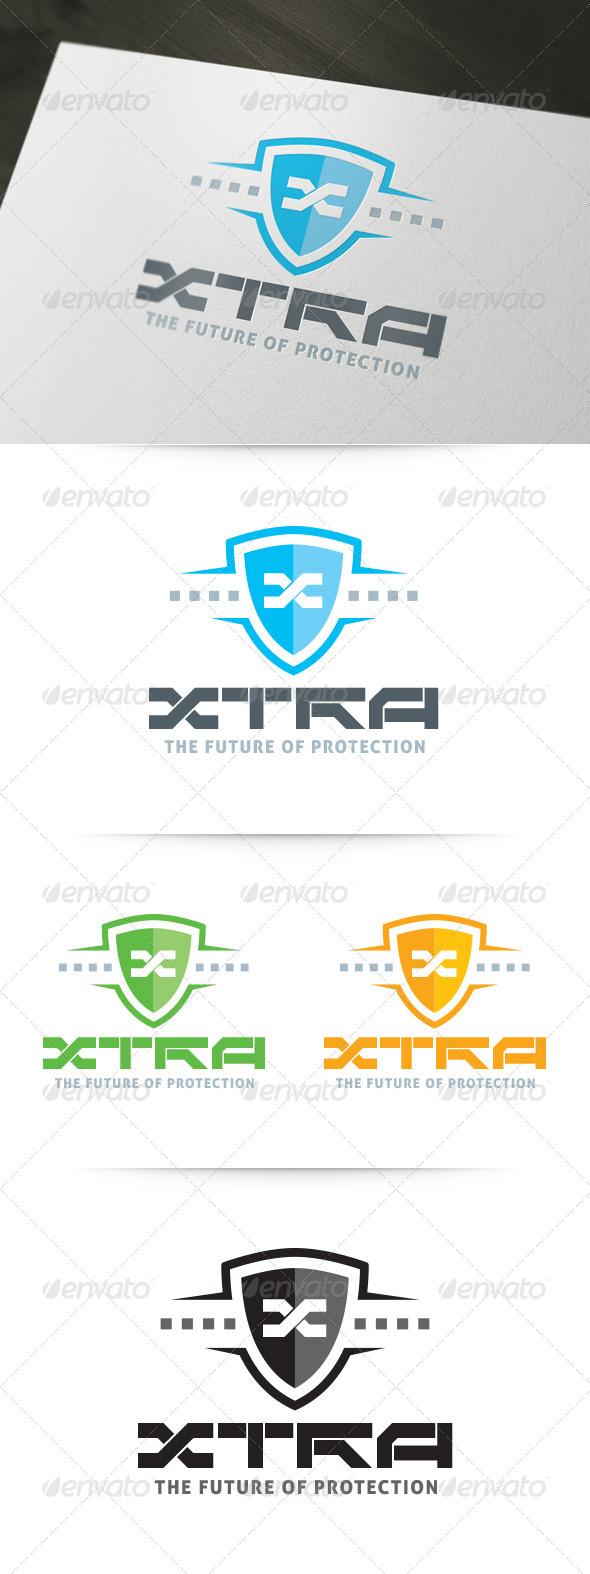 XTRA - Future Protection Logo